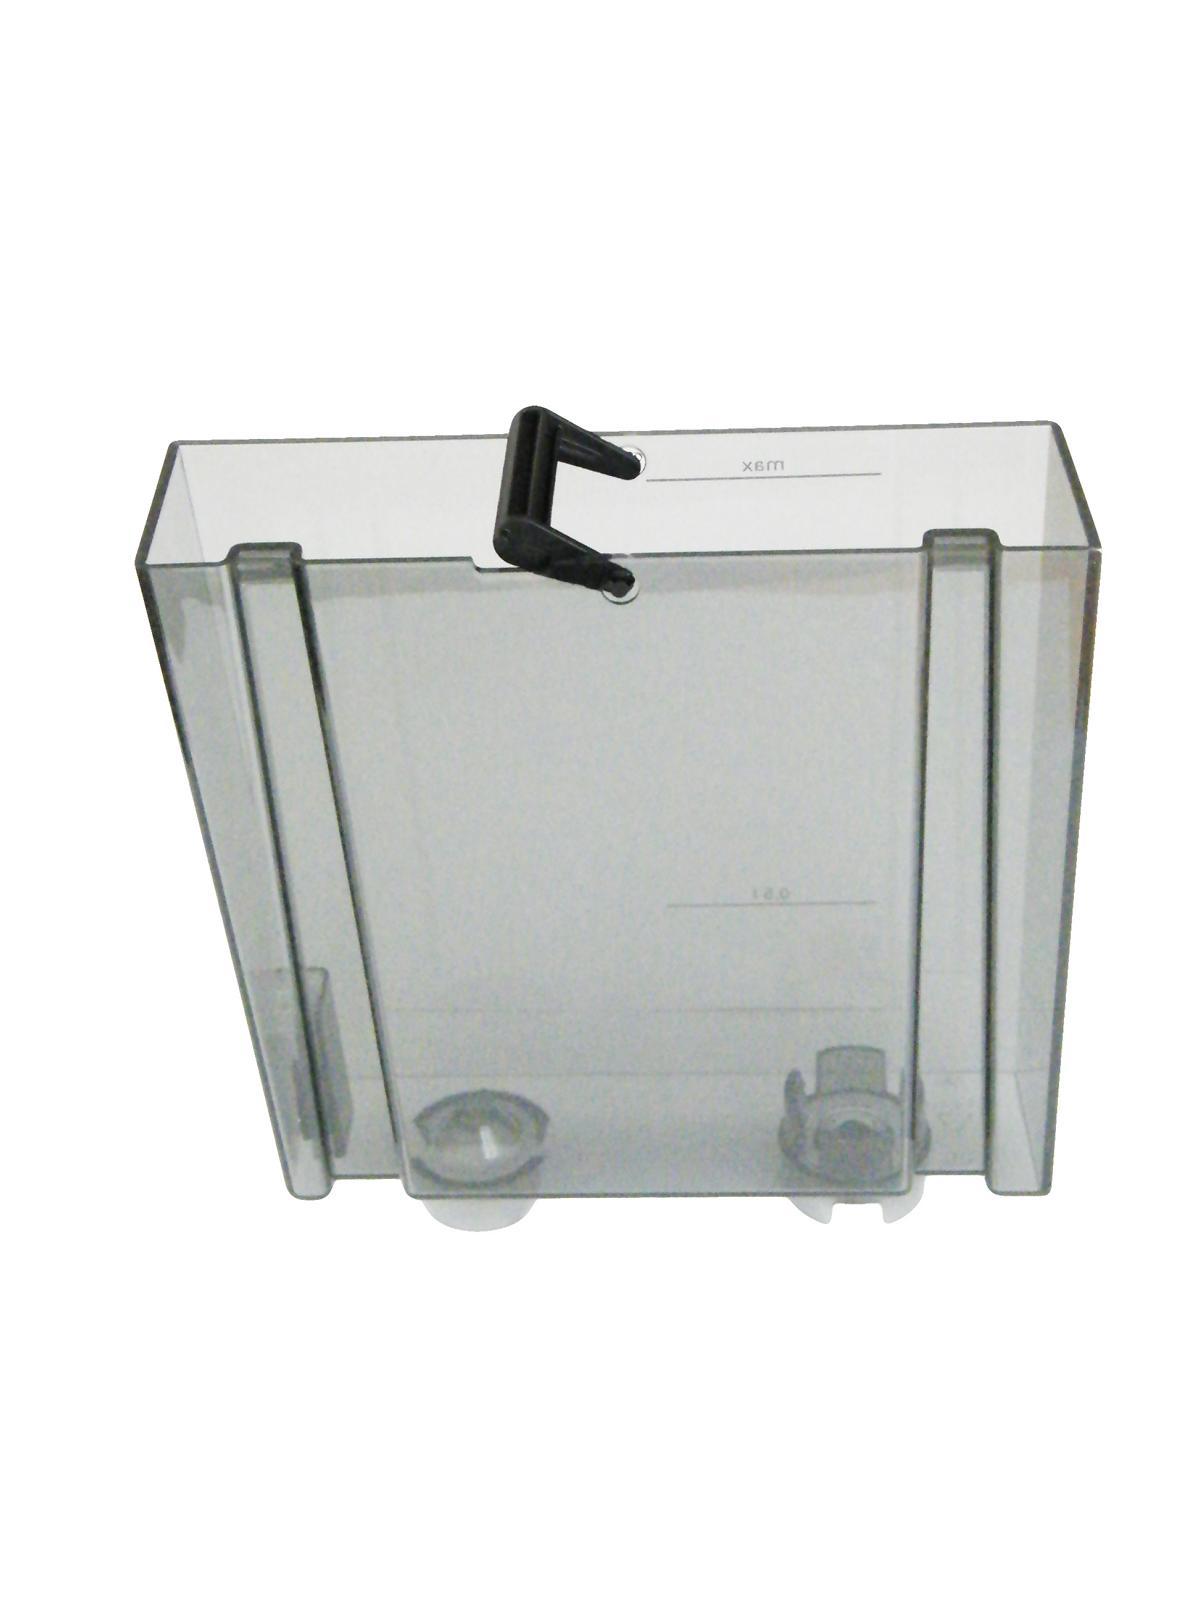 Nivona Wassertank 691 für NICR 830 831 840 845 850 855 877 Cafe Romatica